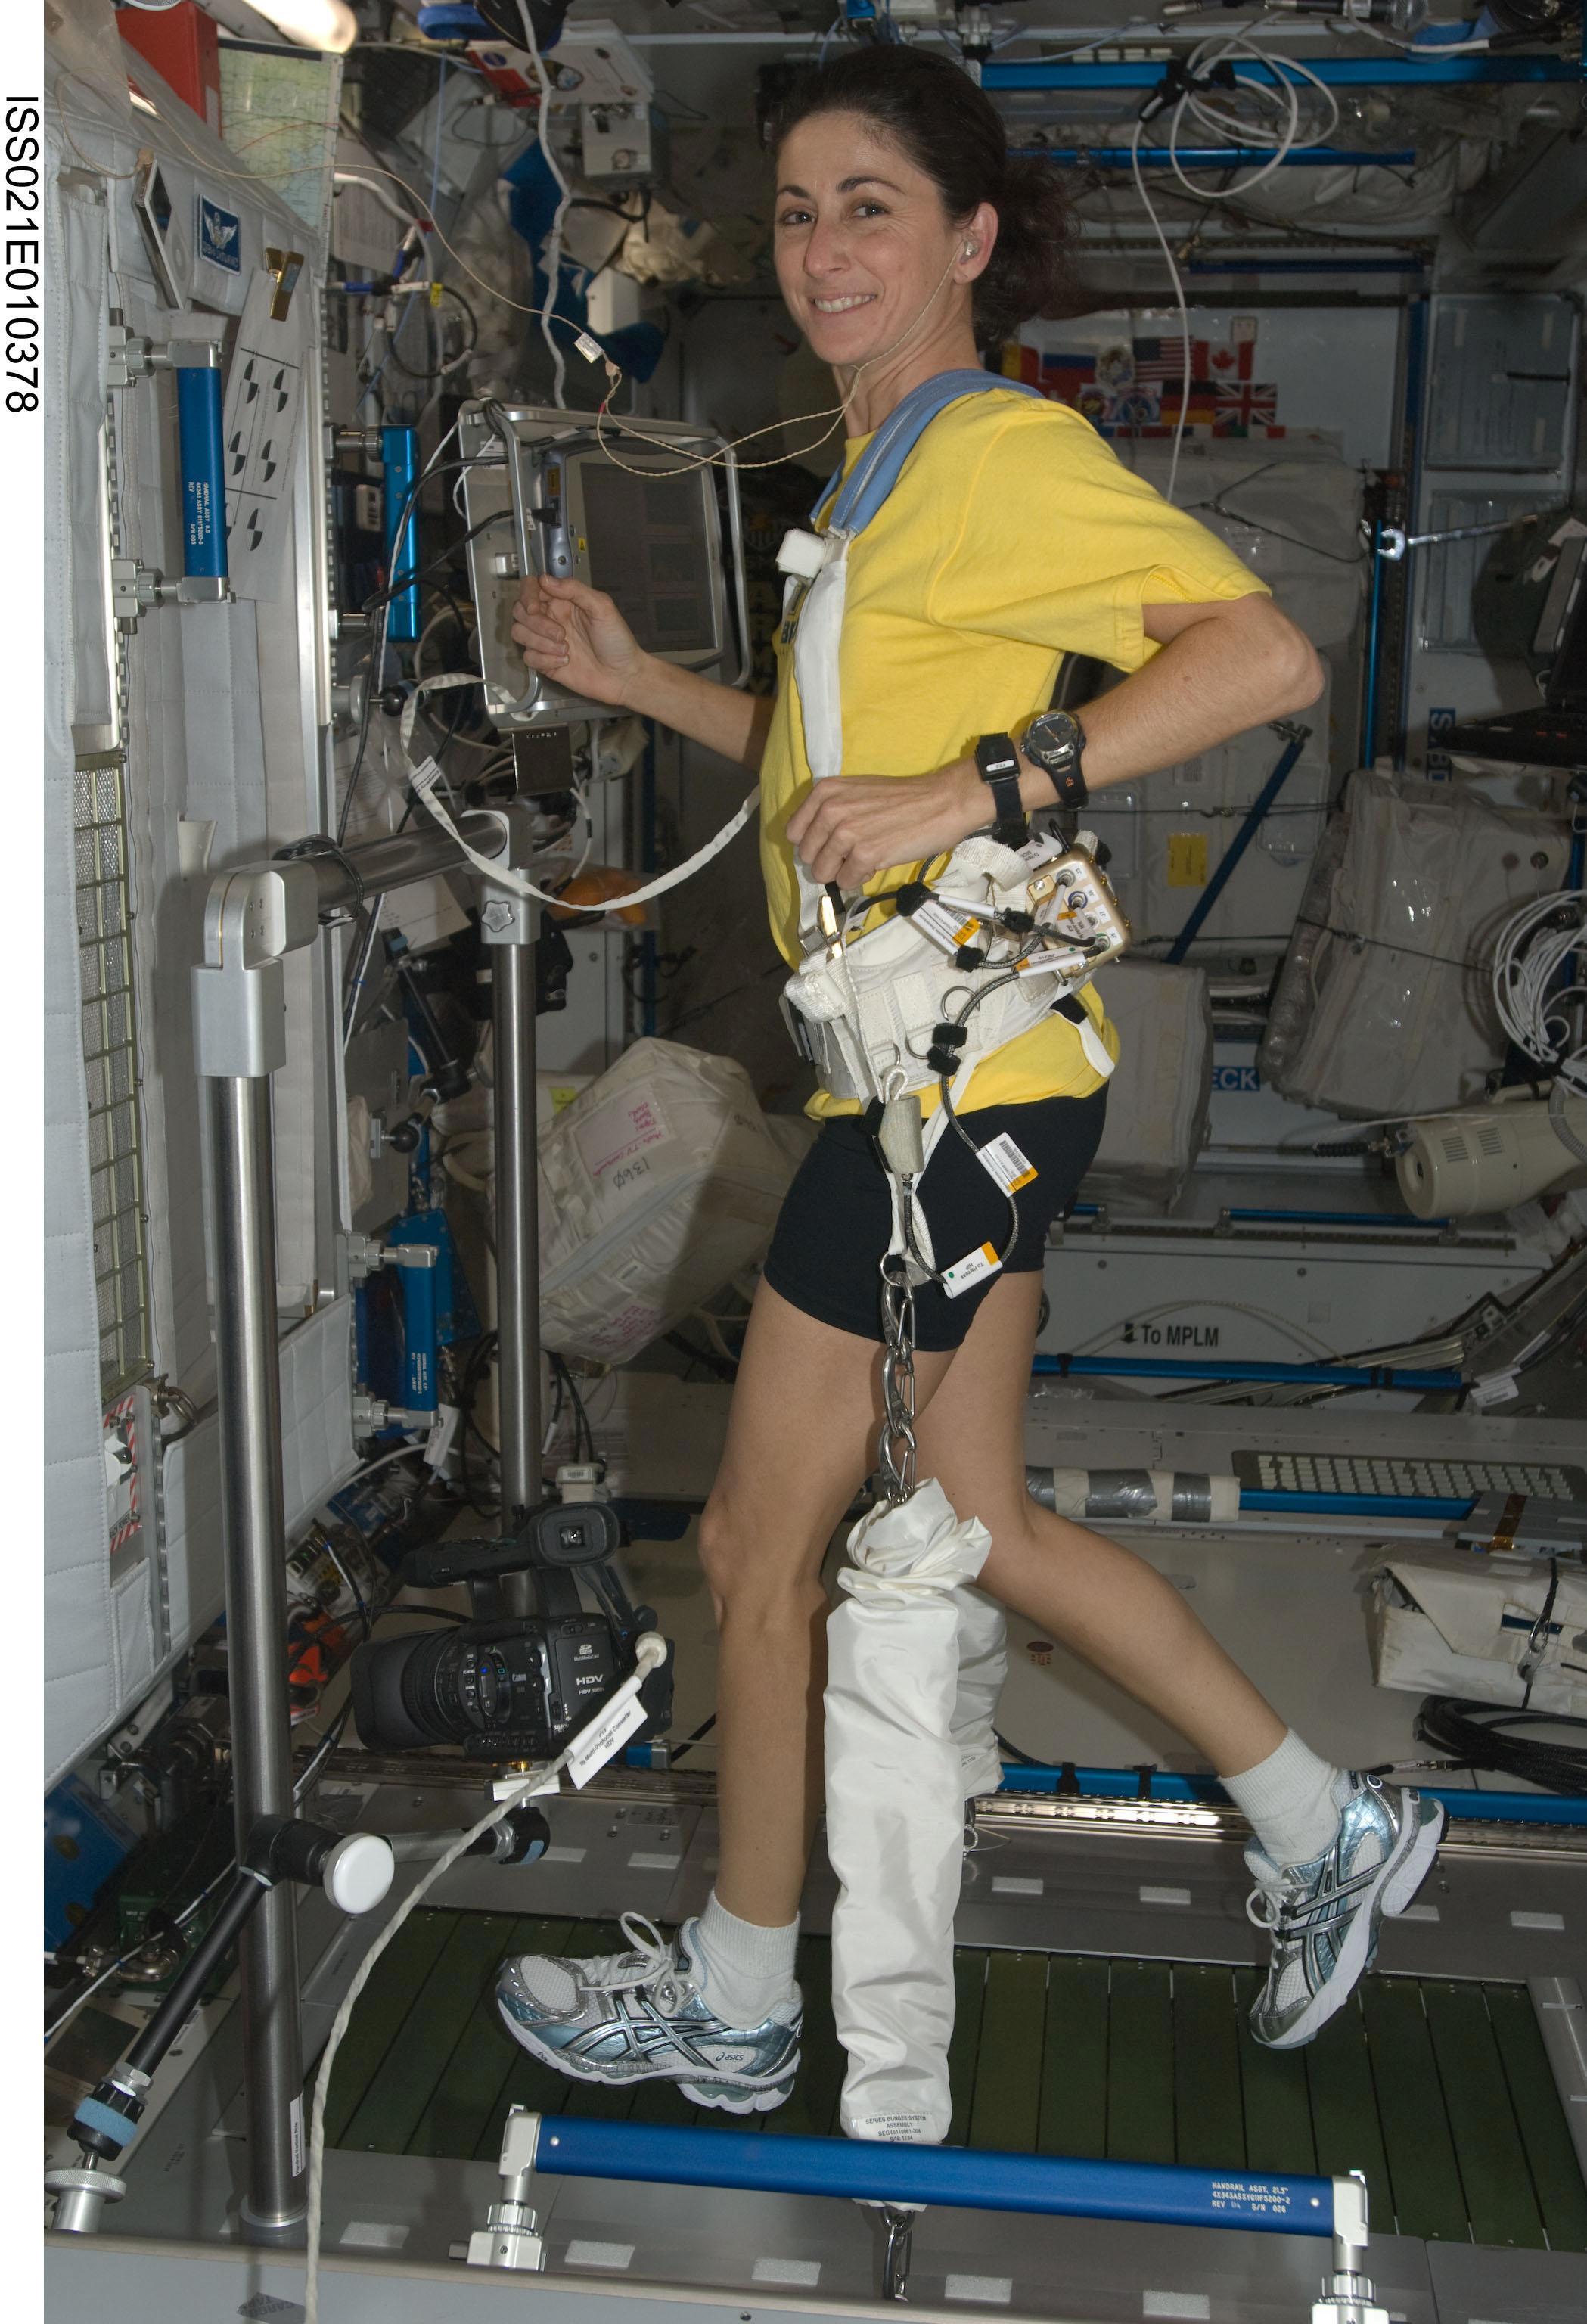 astronaut treadmill workout - photo #1